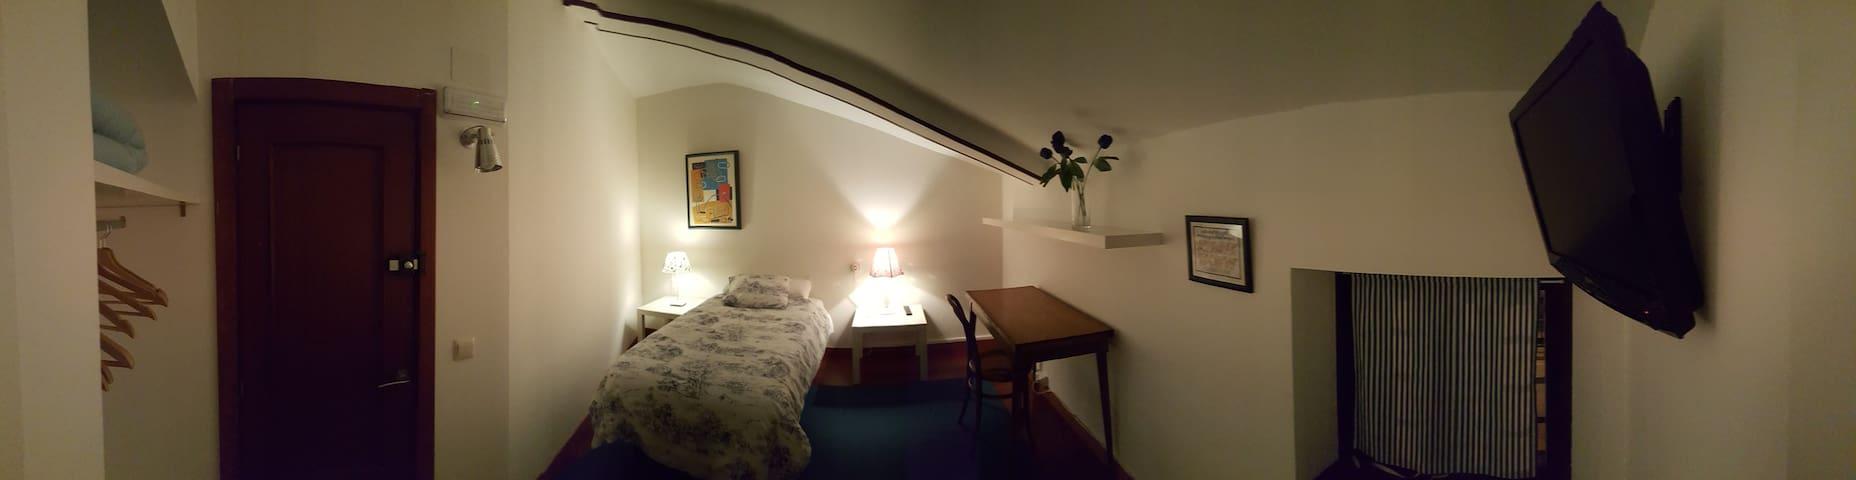 Habitación con baño numero 1 - Zuera - Penzion (B&B)